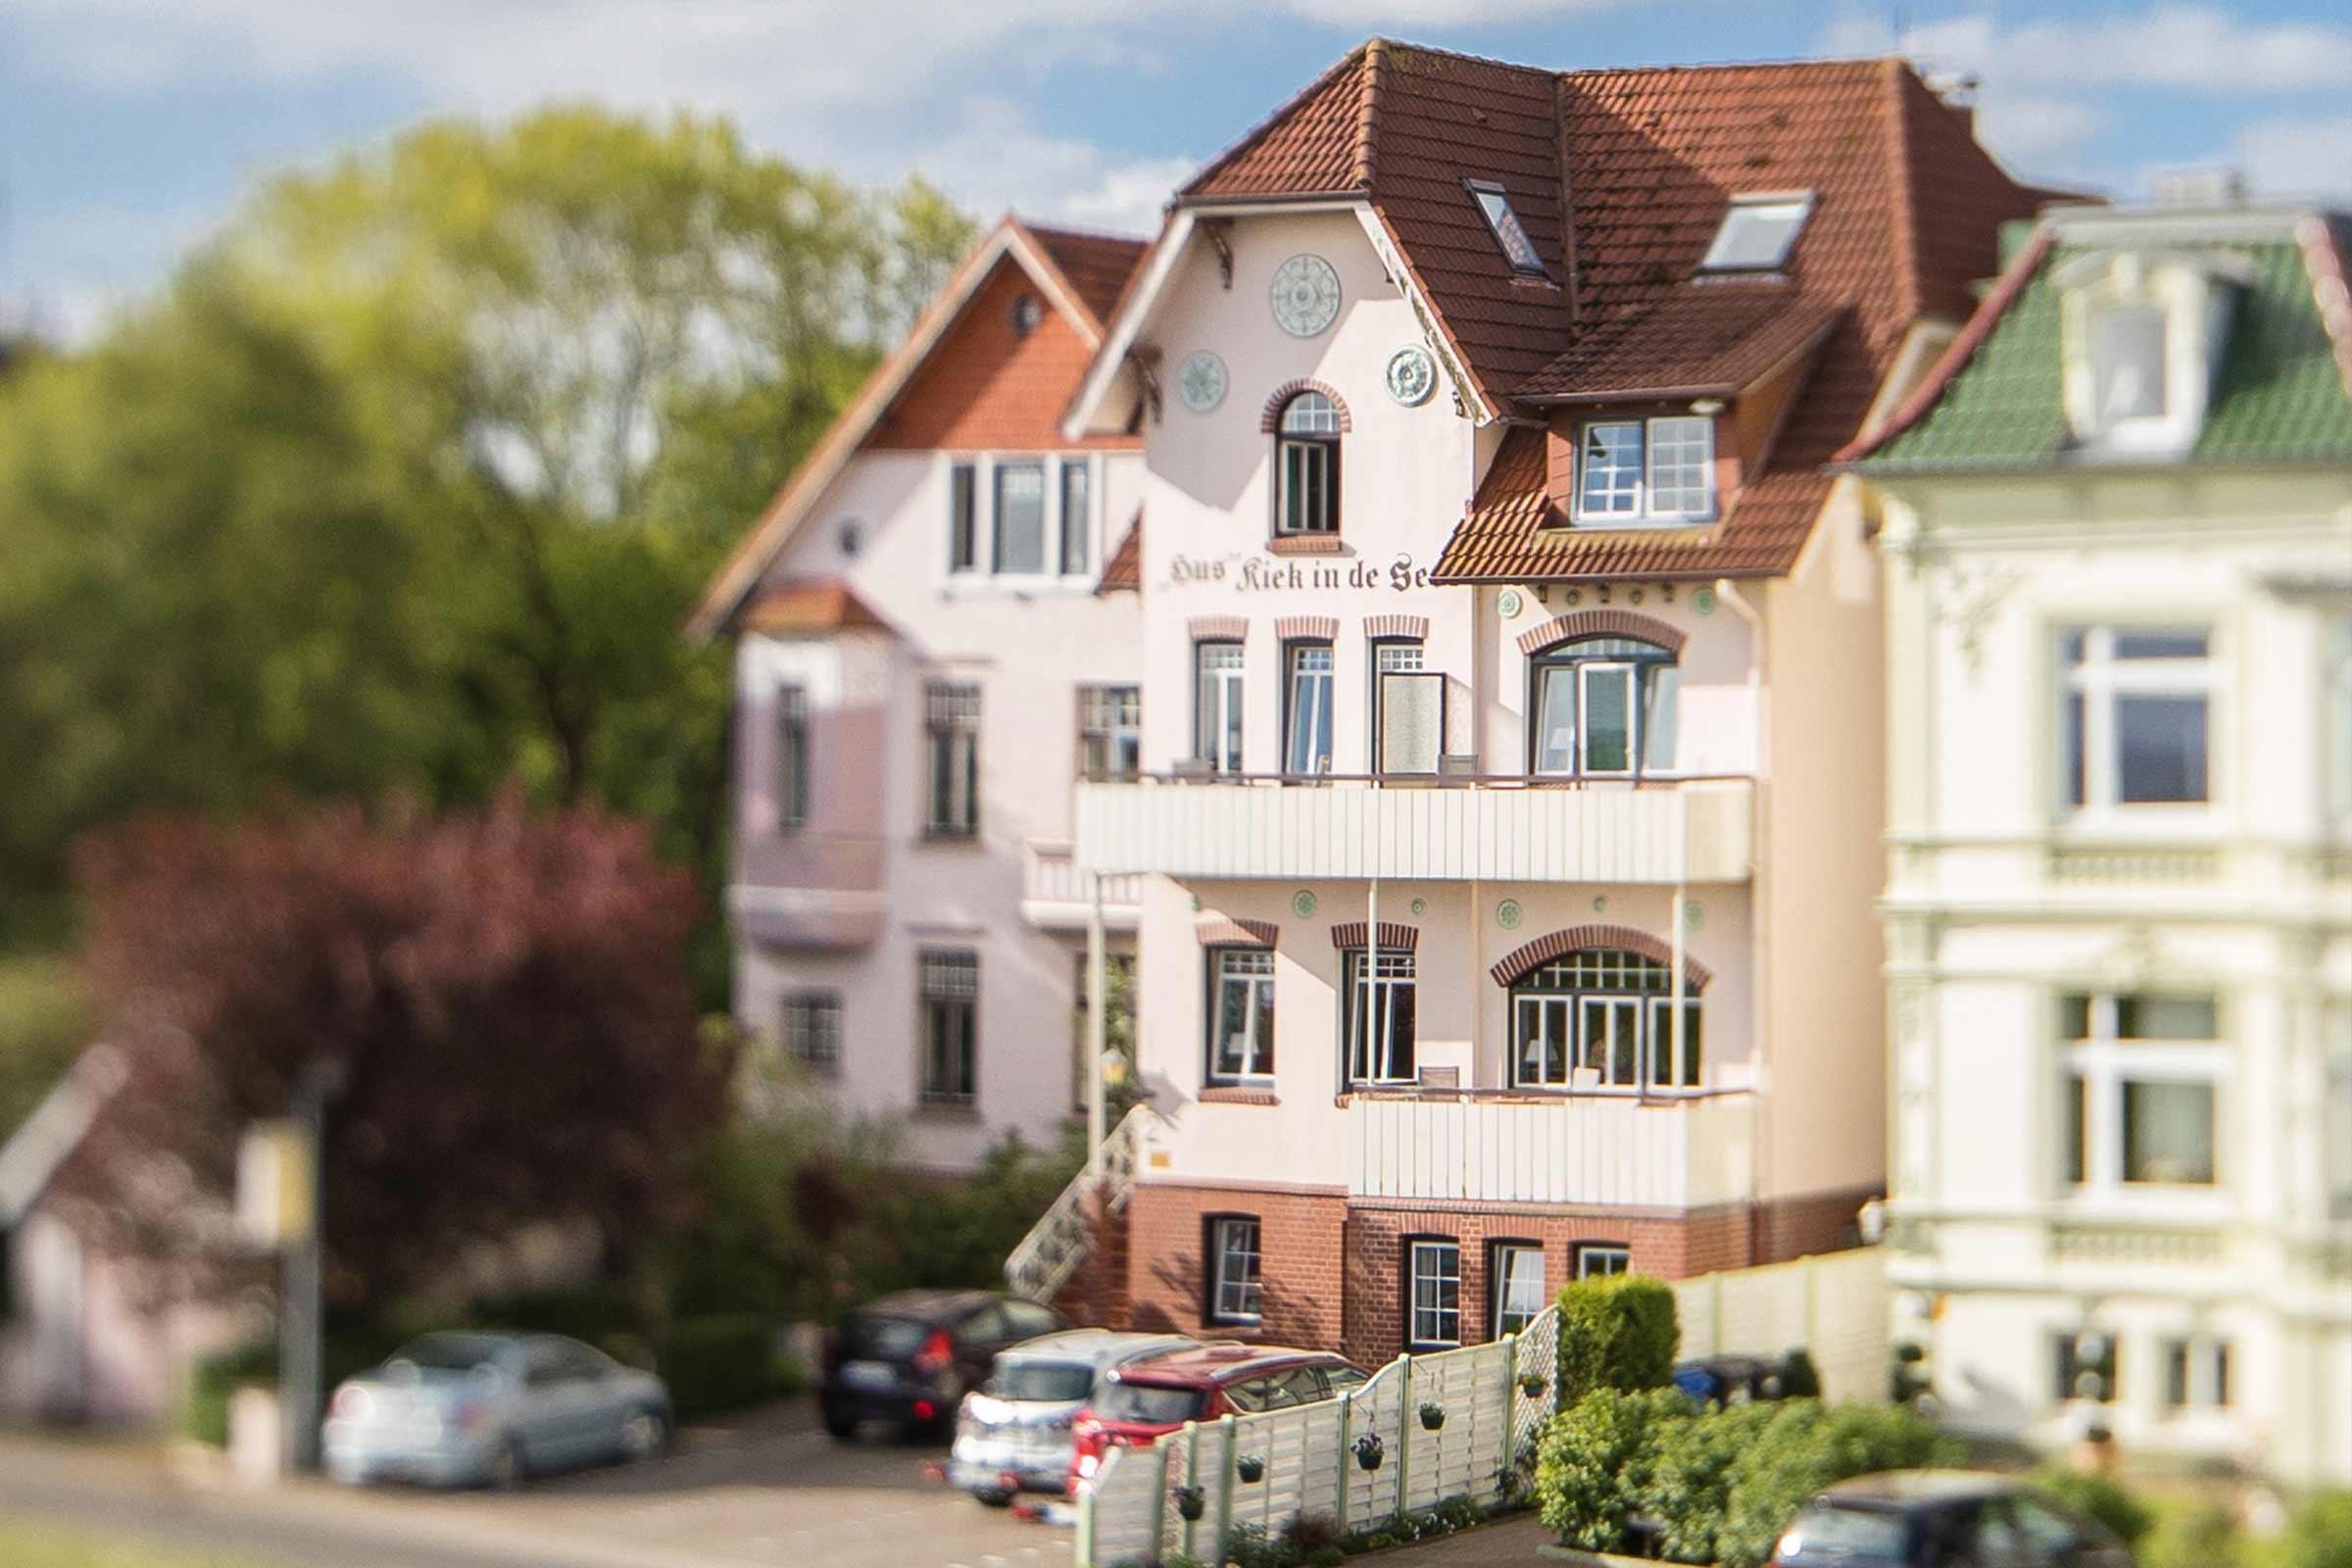 Hotel Hus Kiek in de See Cuxhaven Dachgeschoss